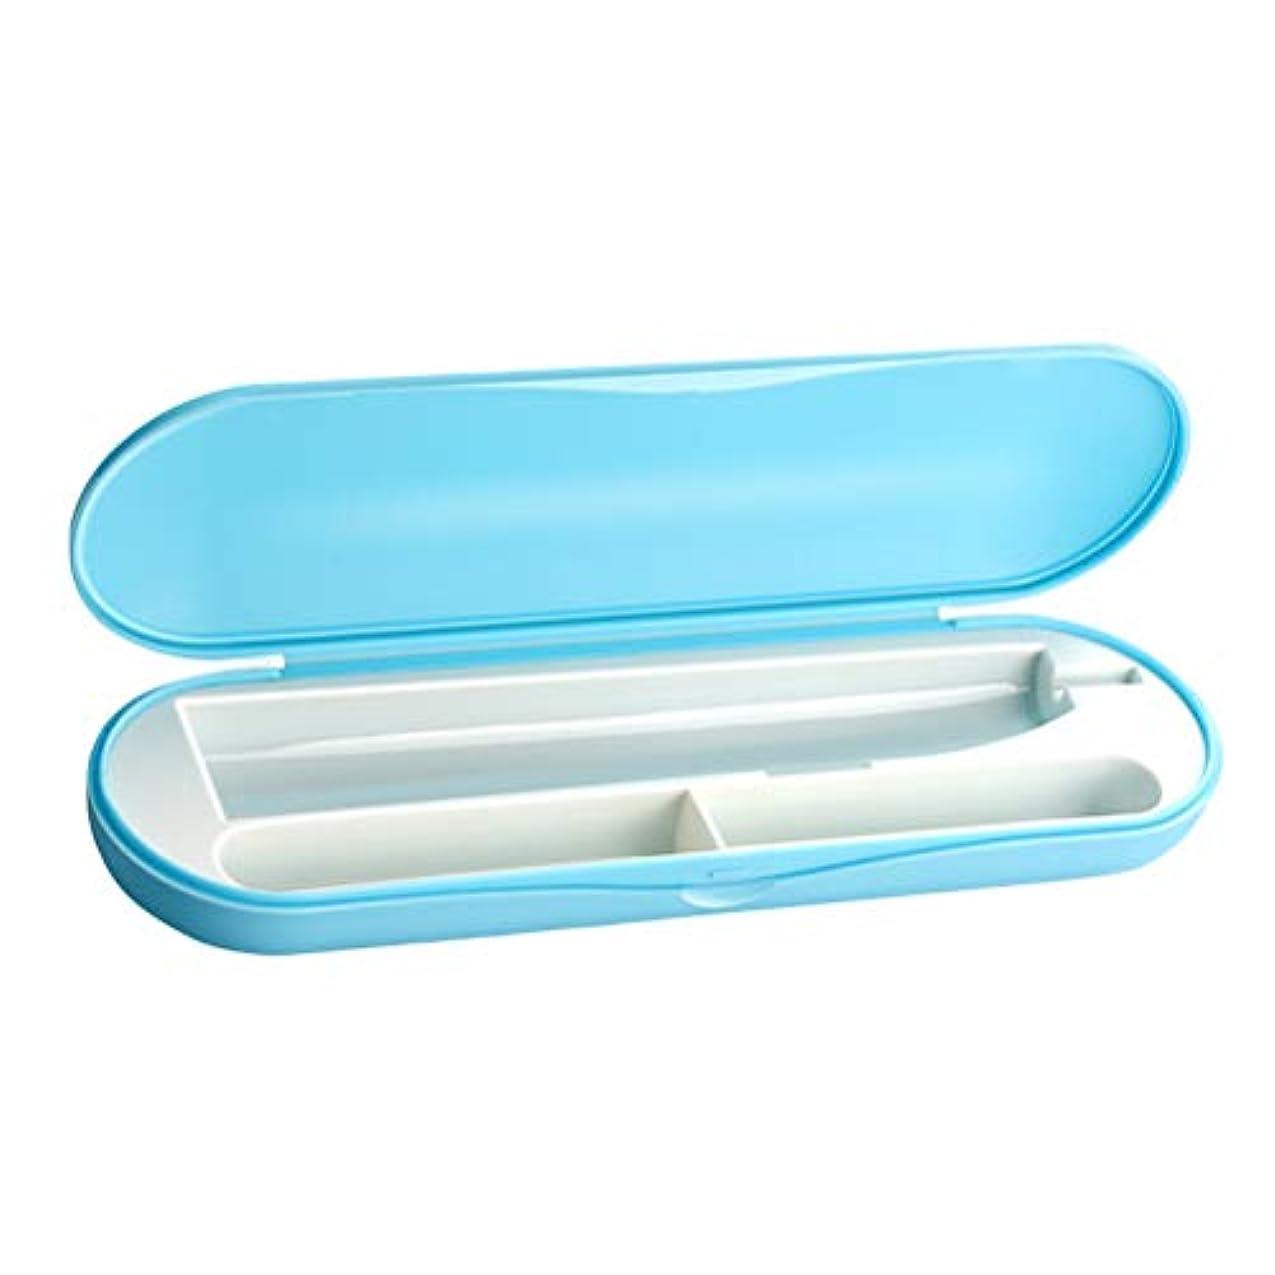 中間具体的にミニチュアHealifty ポータブル電動歯ブラシケース歯磨き粉旅行キャンプ収納ホルダーボックス(ブルー)